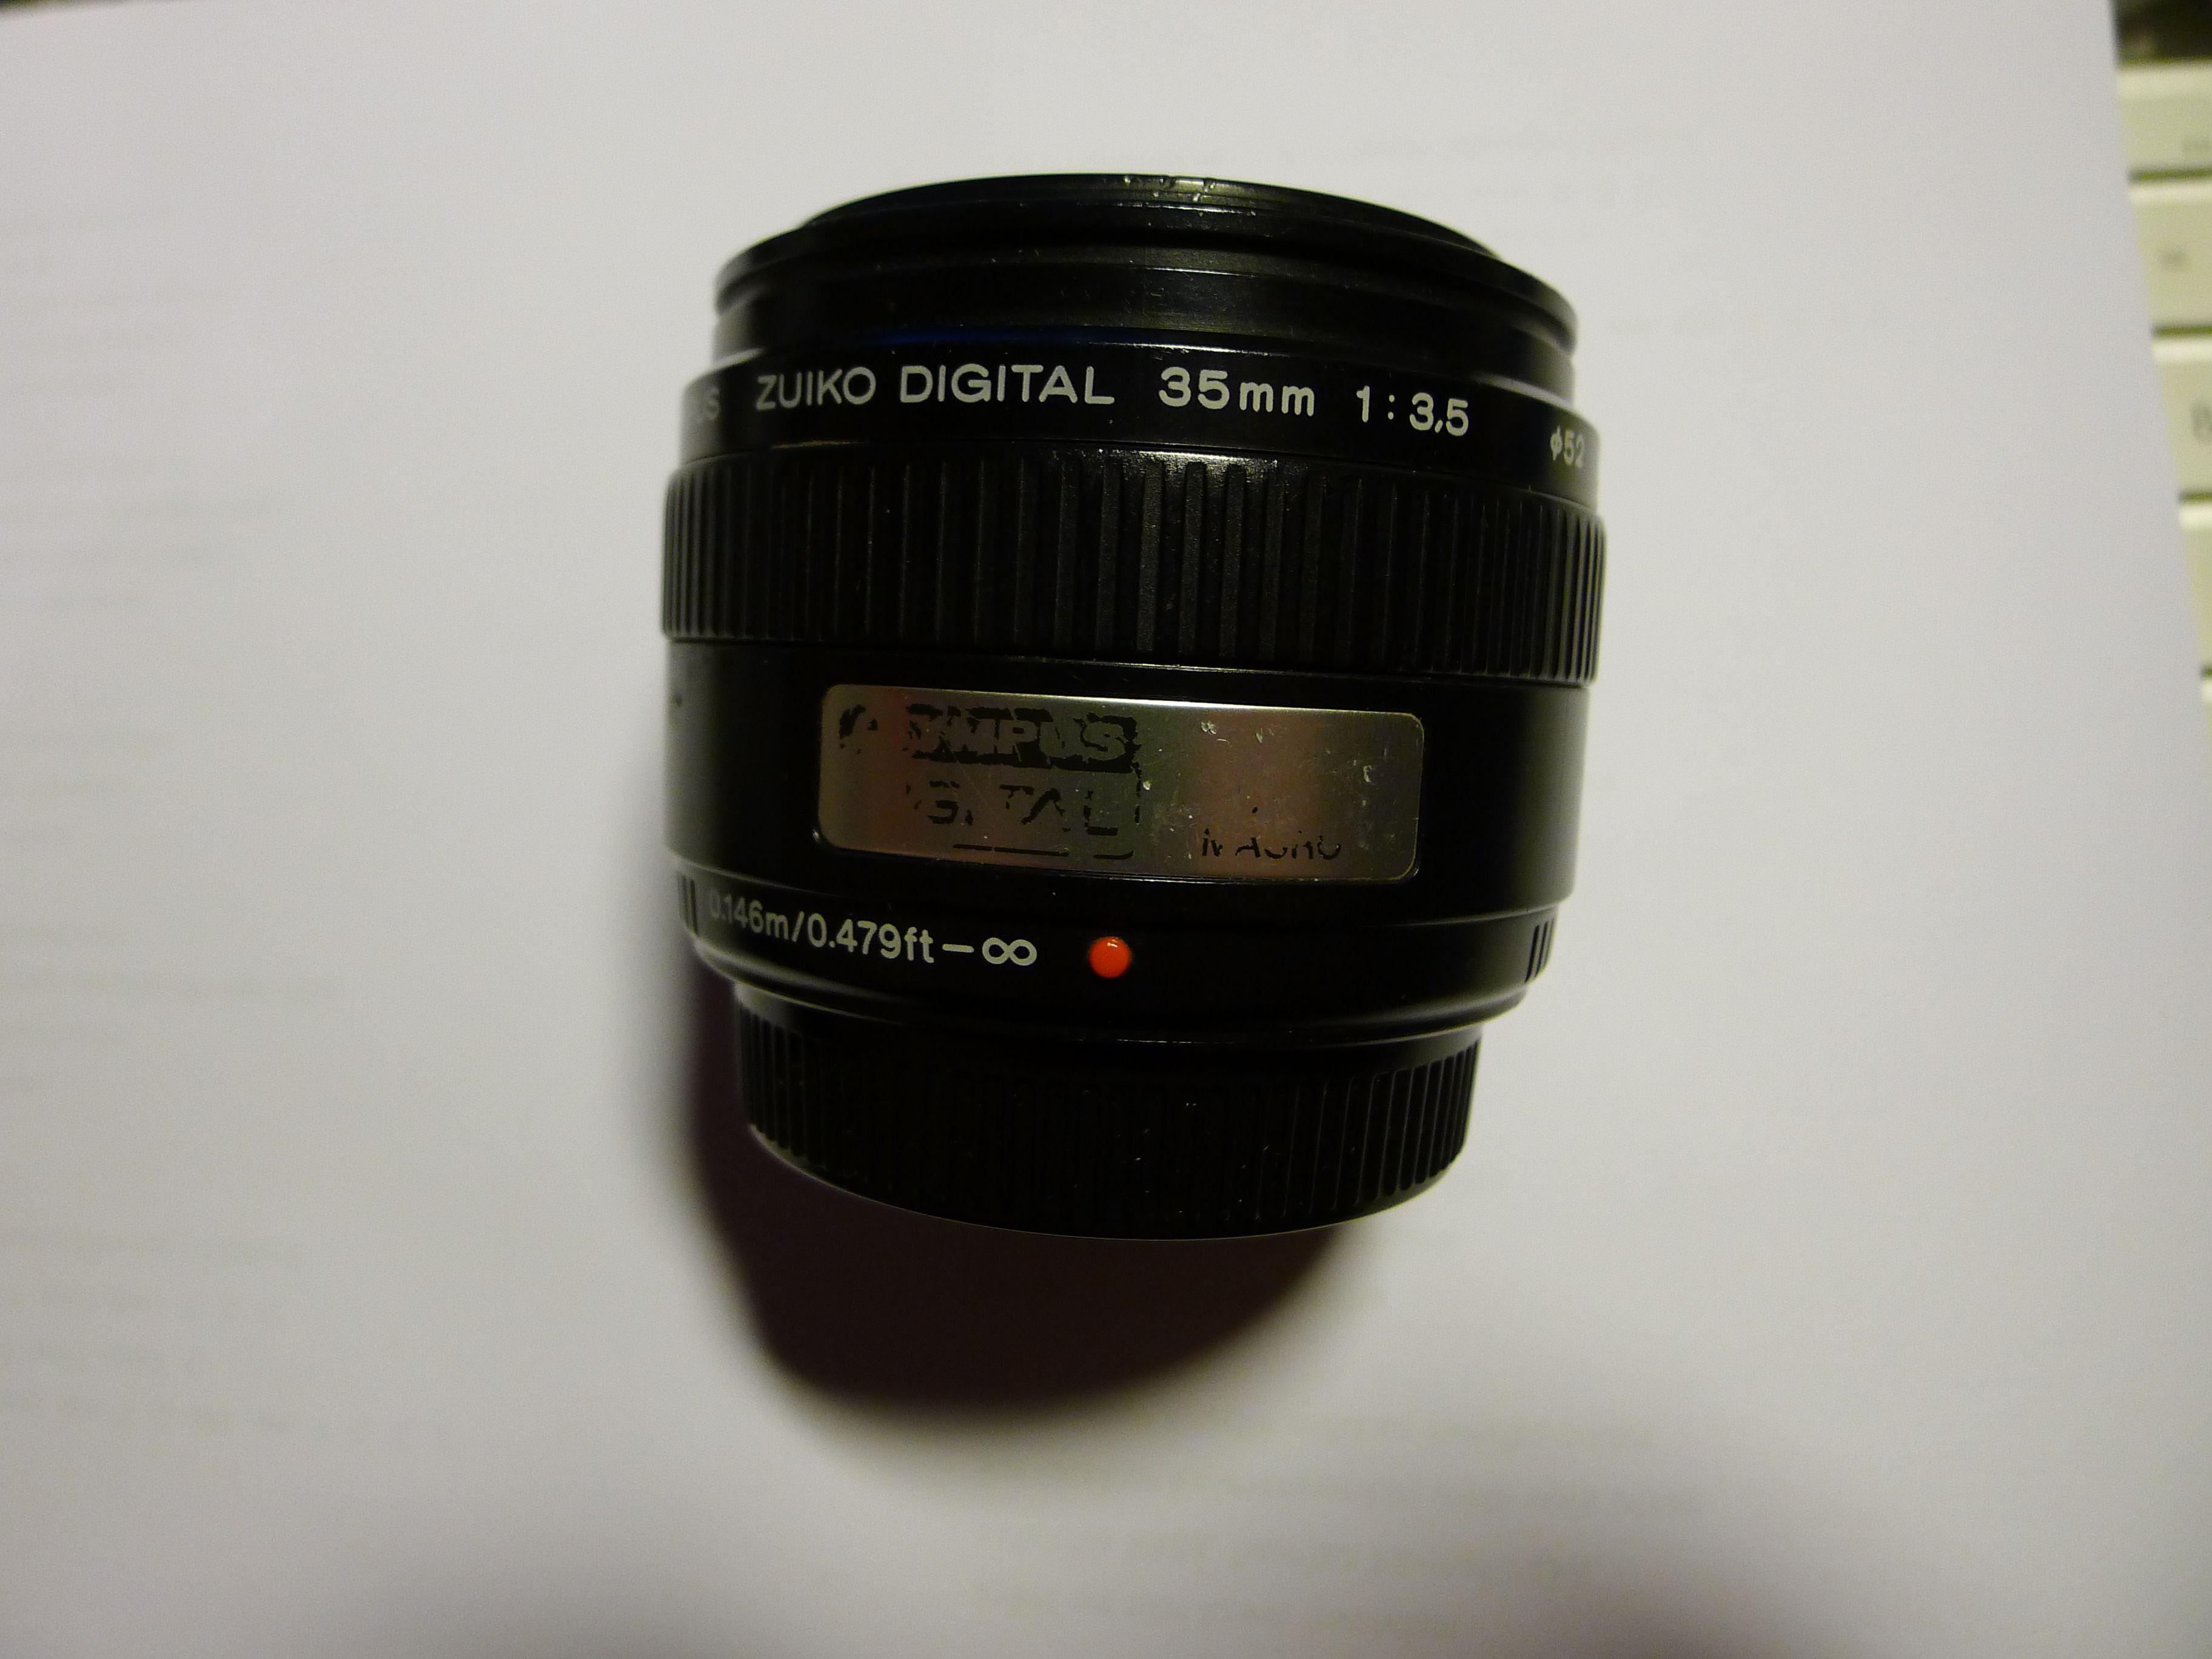 FT 35mm makro.jpg